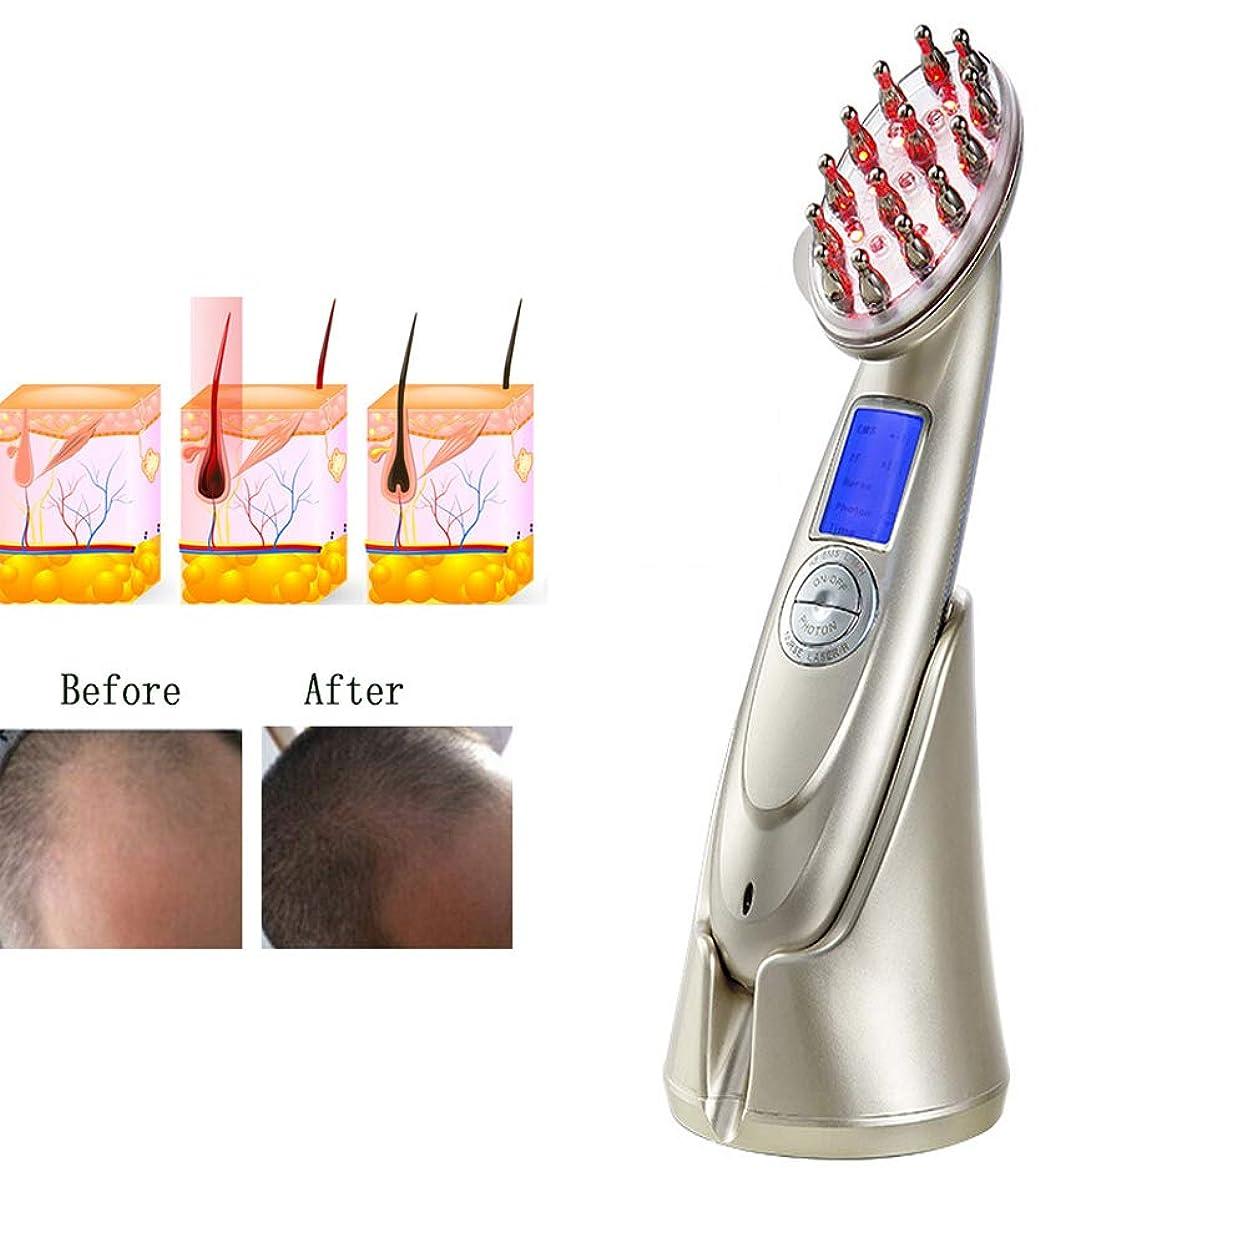 帽子狂う疼痛プロの電気髪の成長レーザー櫛 RF EMS LED 光子光療法ブラシ抗脱毛治療マッサージの健康胚ブラシをアップグレードします。